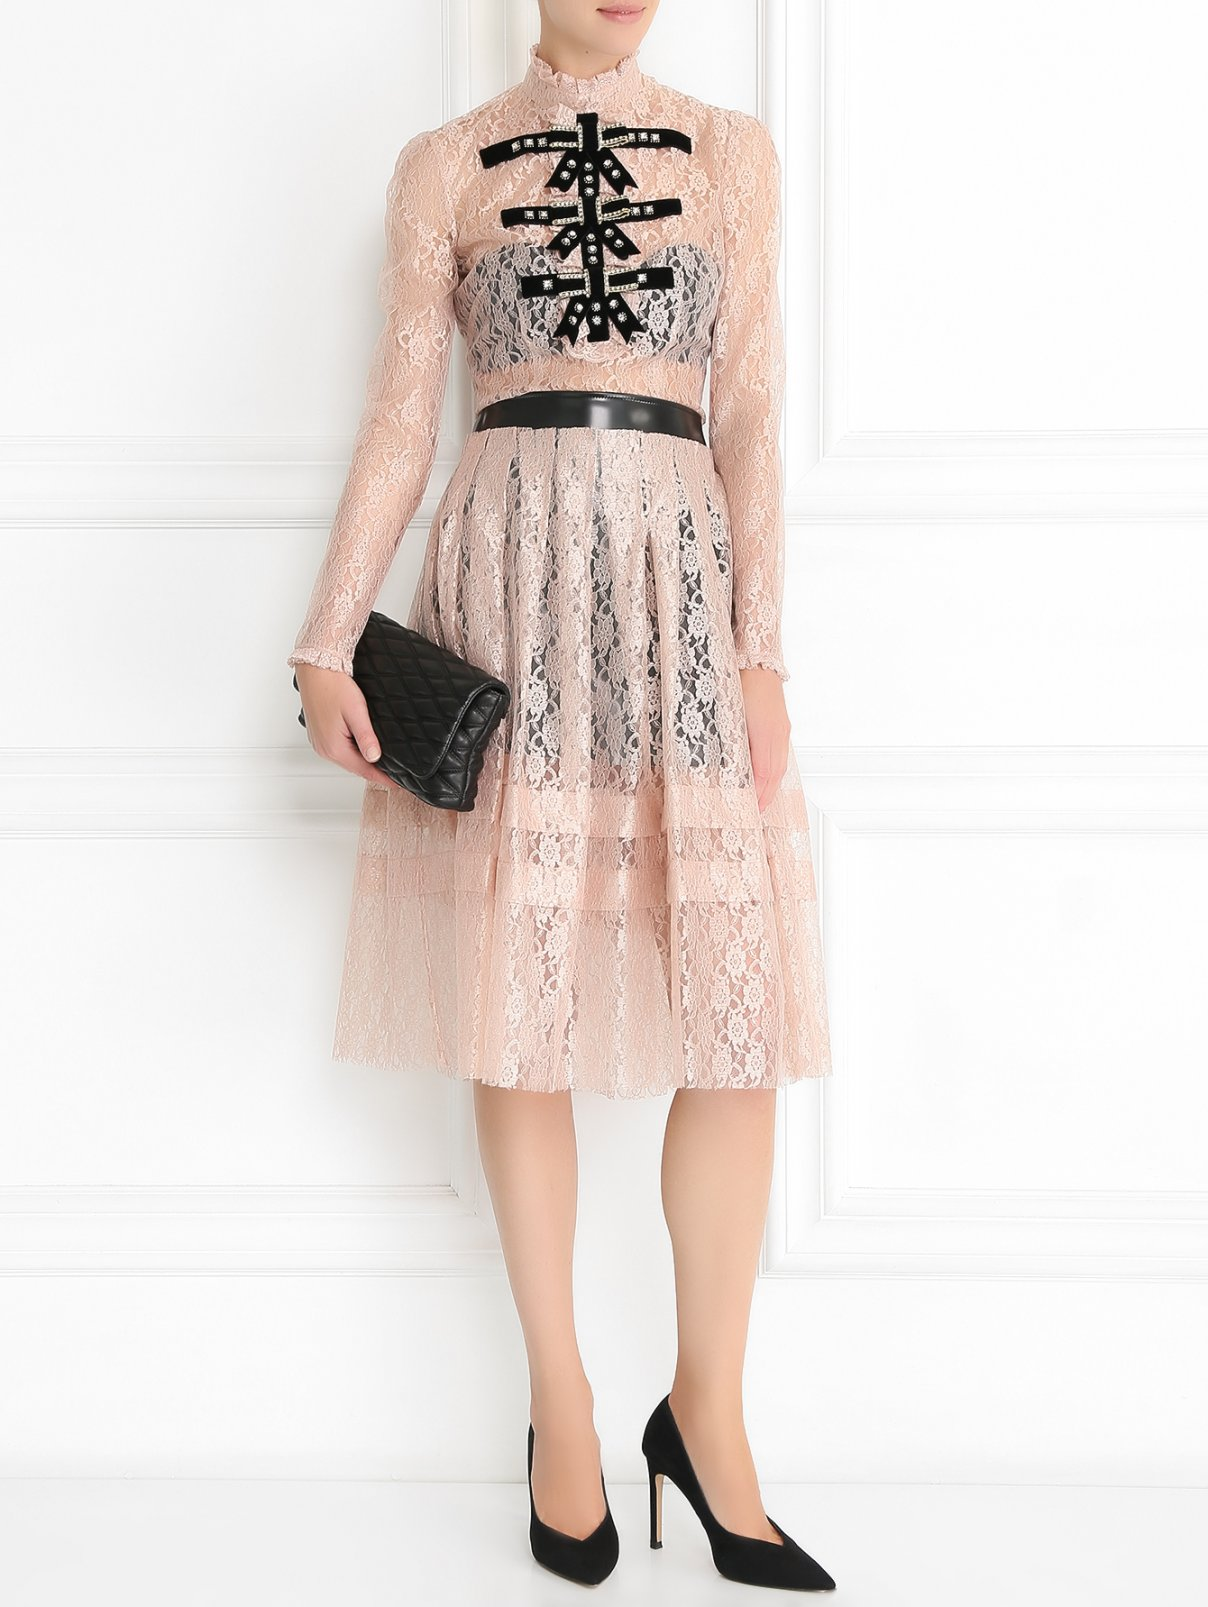 Пышная юбка из кружева с контрастной отделкой Philosophy di Lorenzo Serafini  –  Модель Общий вид  – Цвет:  Розовый